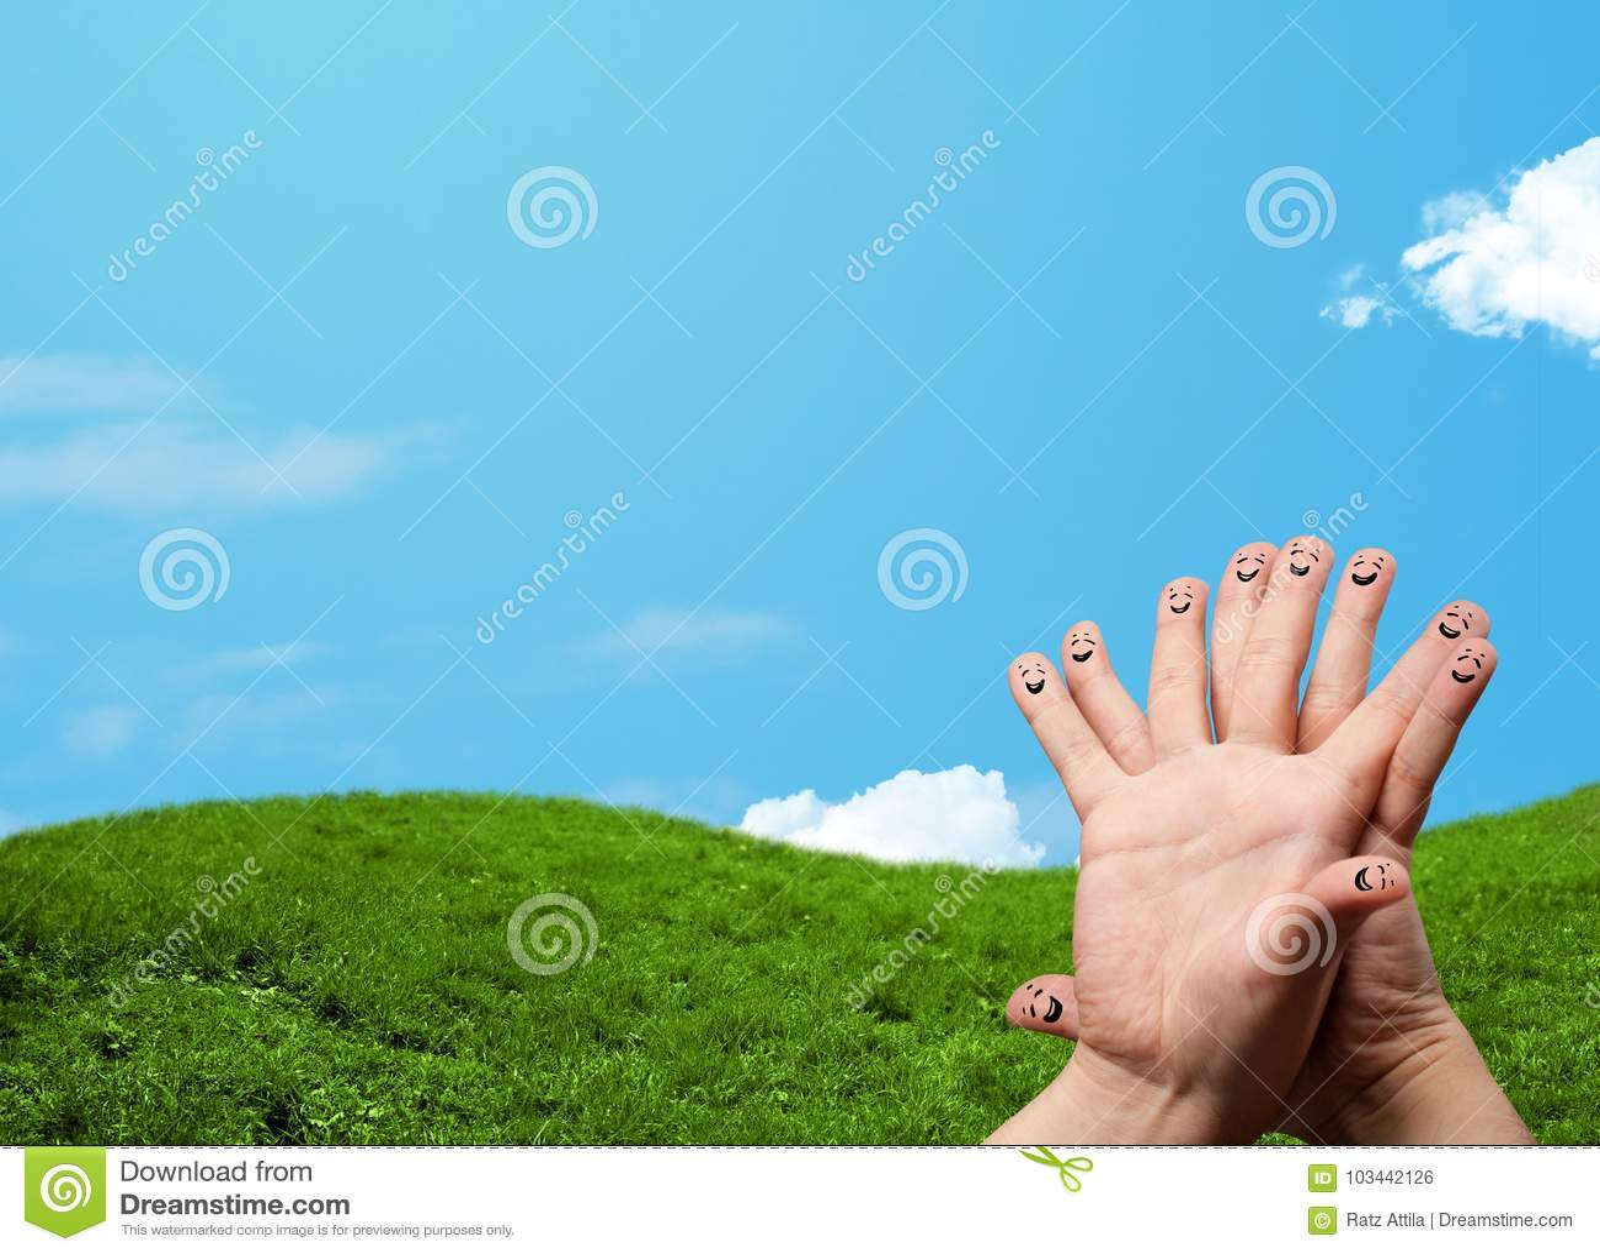 Nette Fingersmiley mit Landschaftslandschaft am Hintergrund